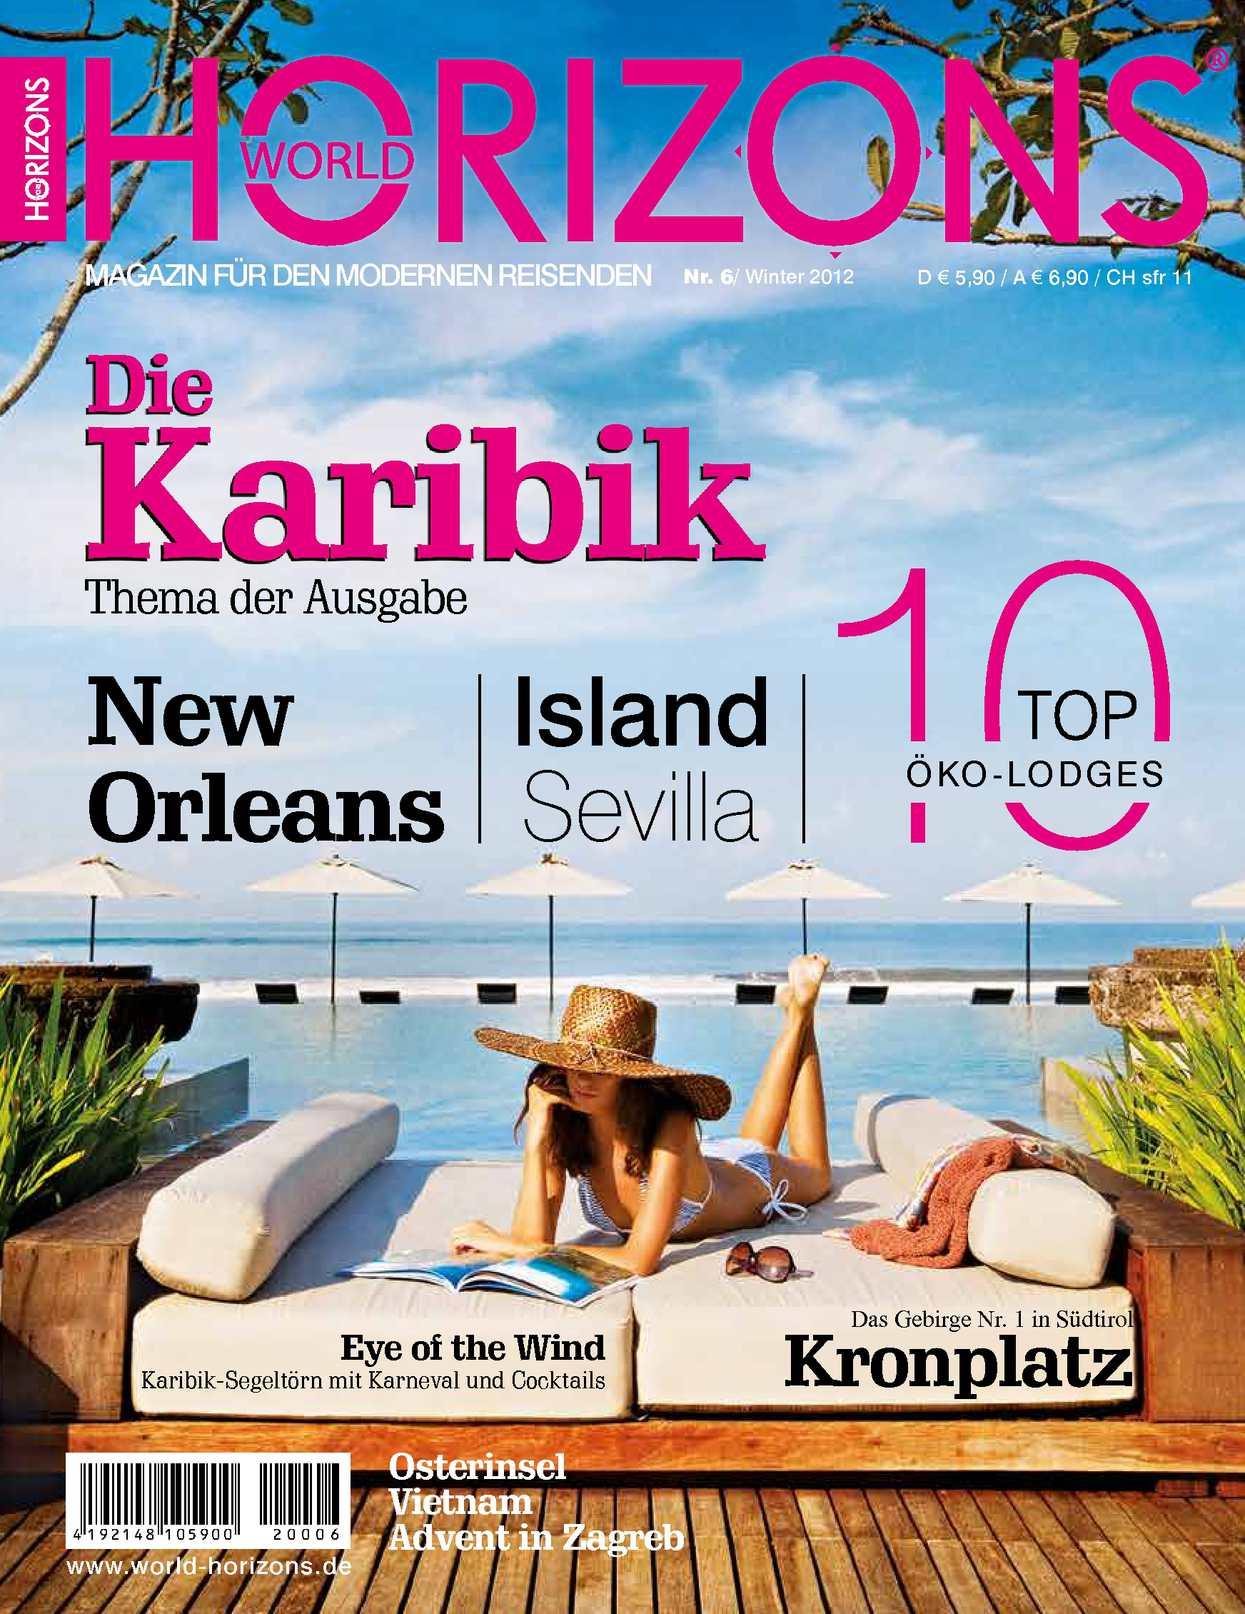 WORLD HORIZONS No. 6